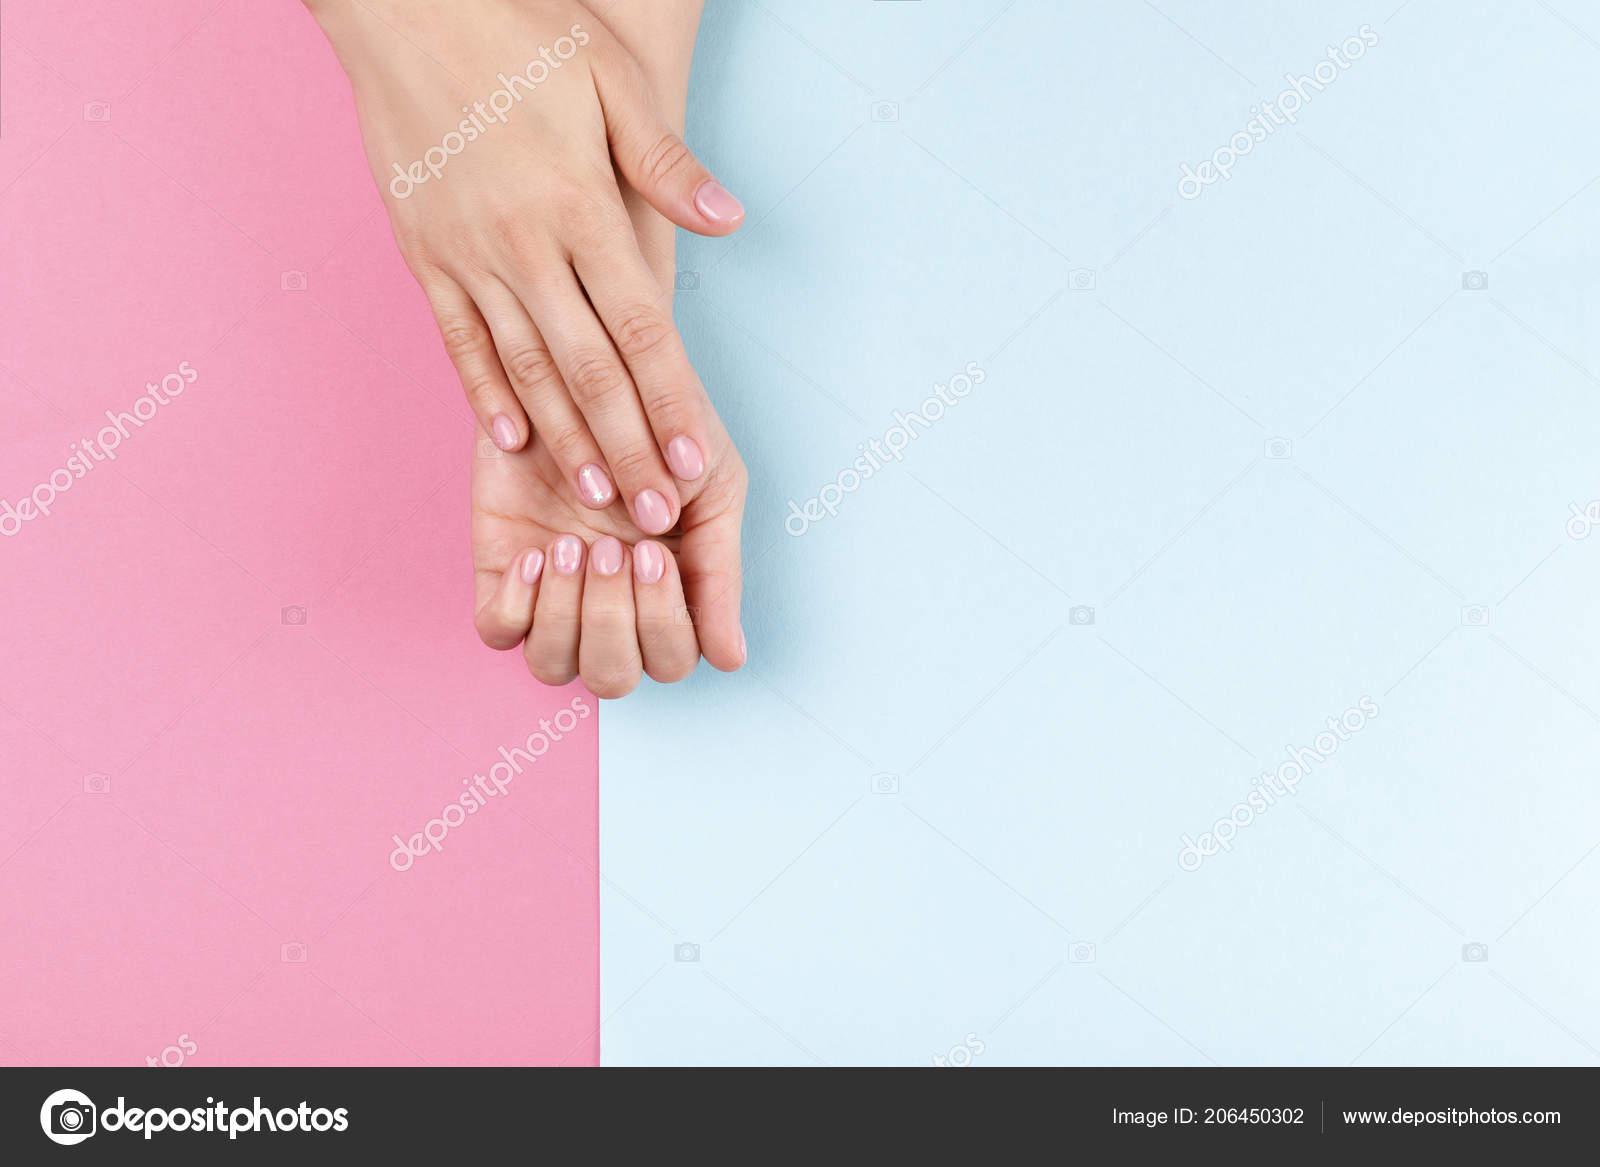 Нежные руки ласкают женское тело фото, видео порно девушки смотреть онлайн